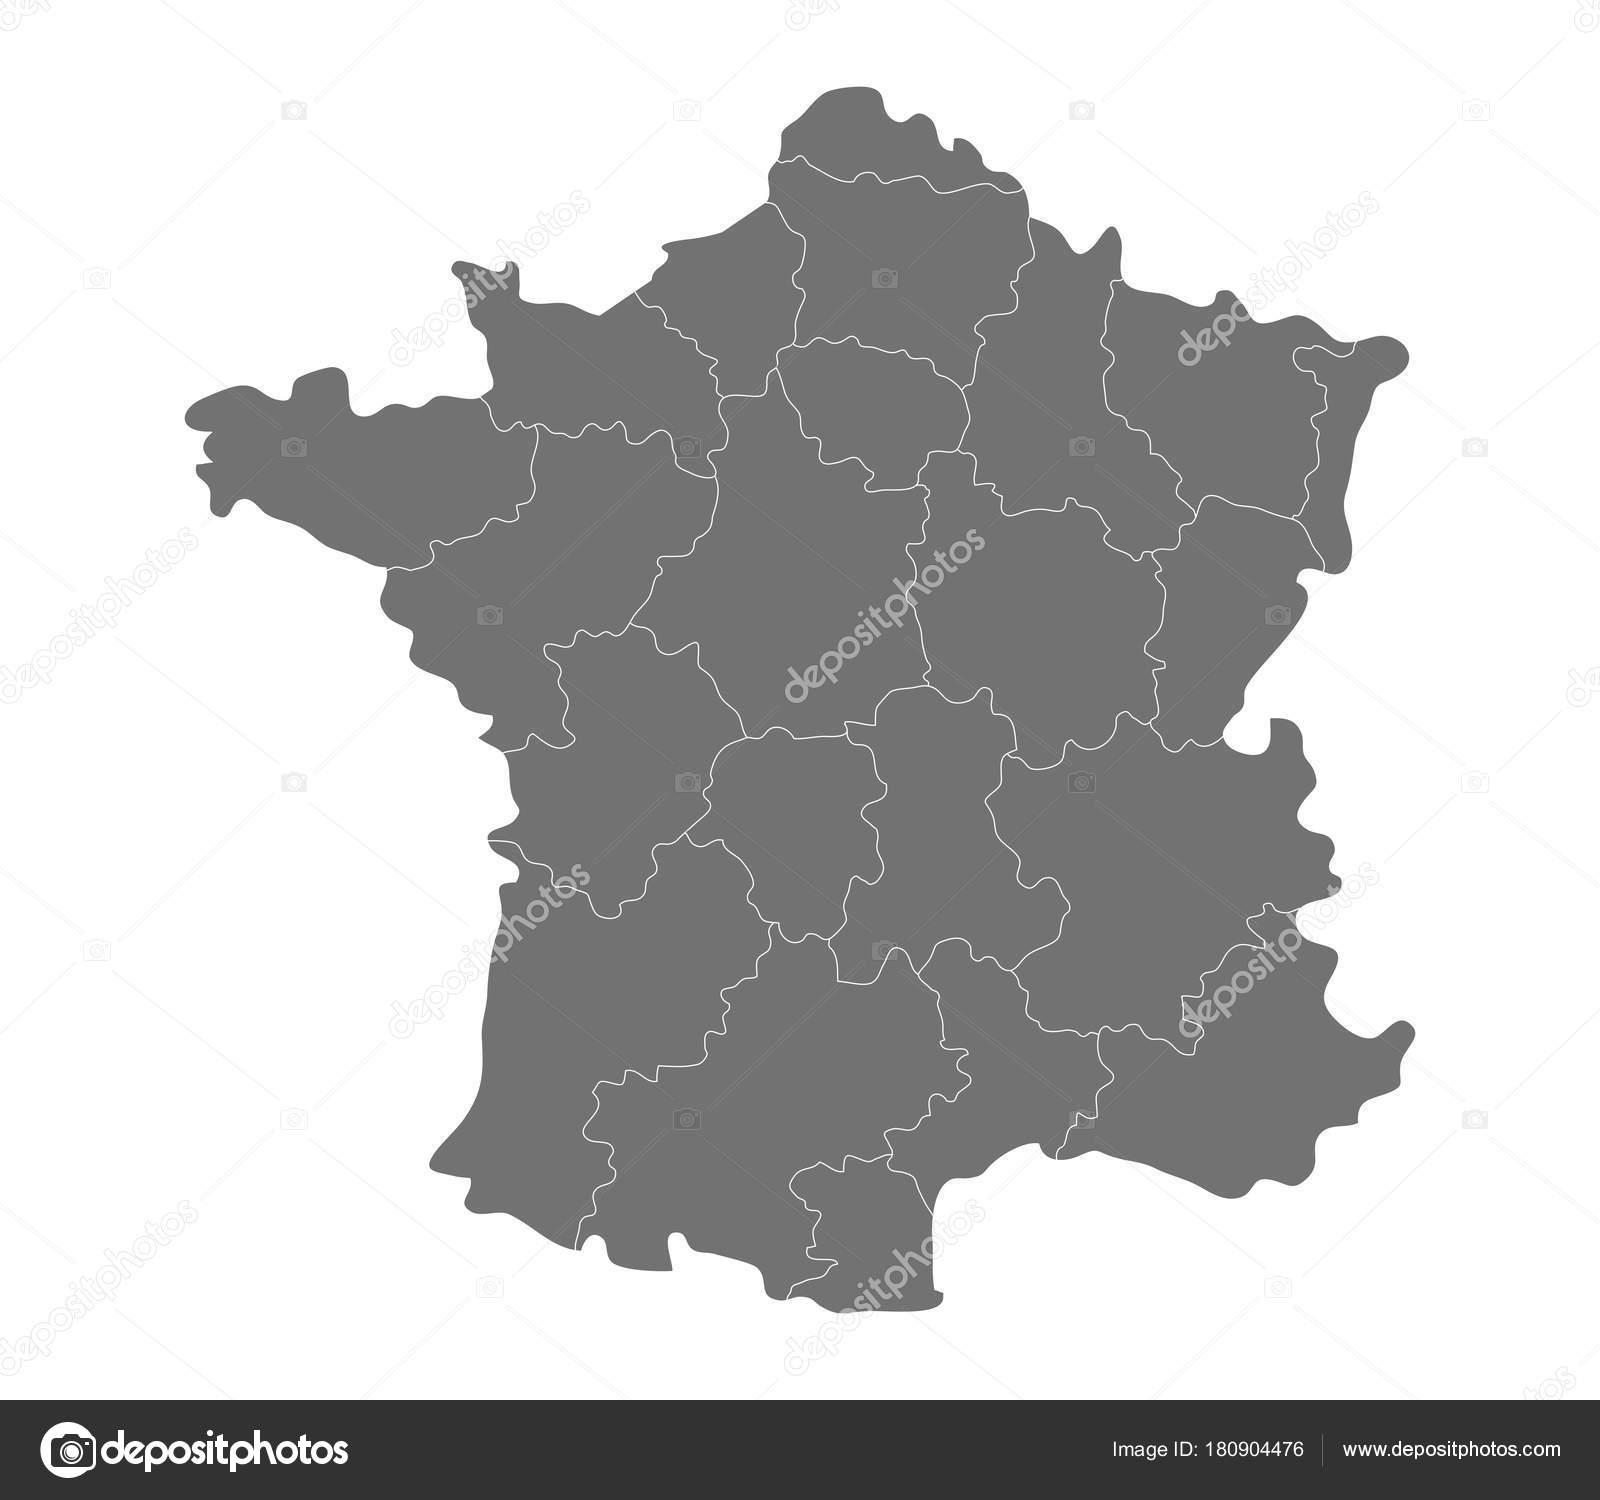 Frankreich Karte Regionen.Frankreich Karte Mit Regionen Auf Weißem Hintergrund Stockvektor